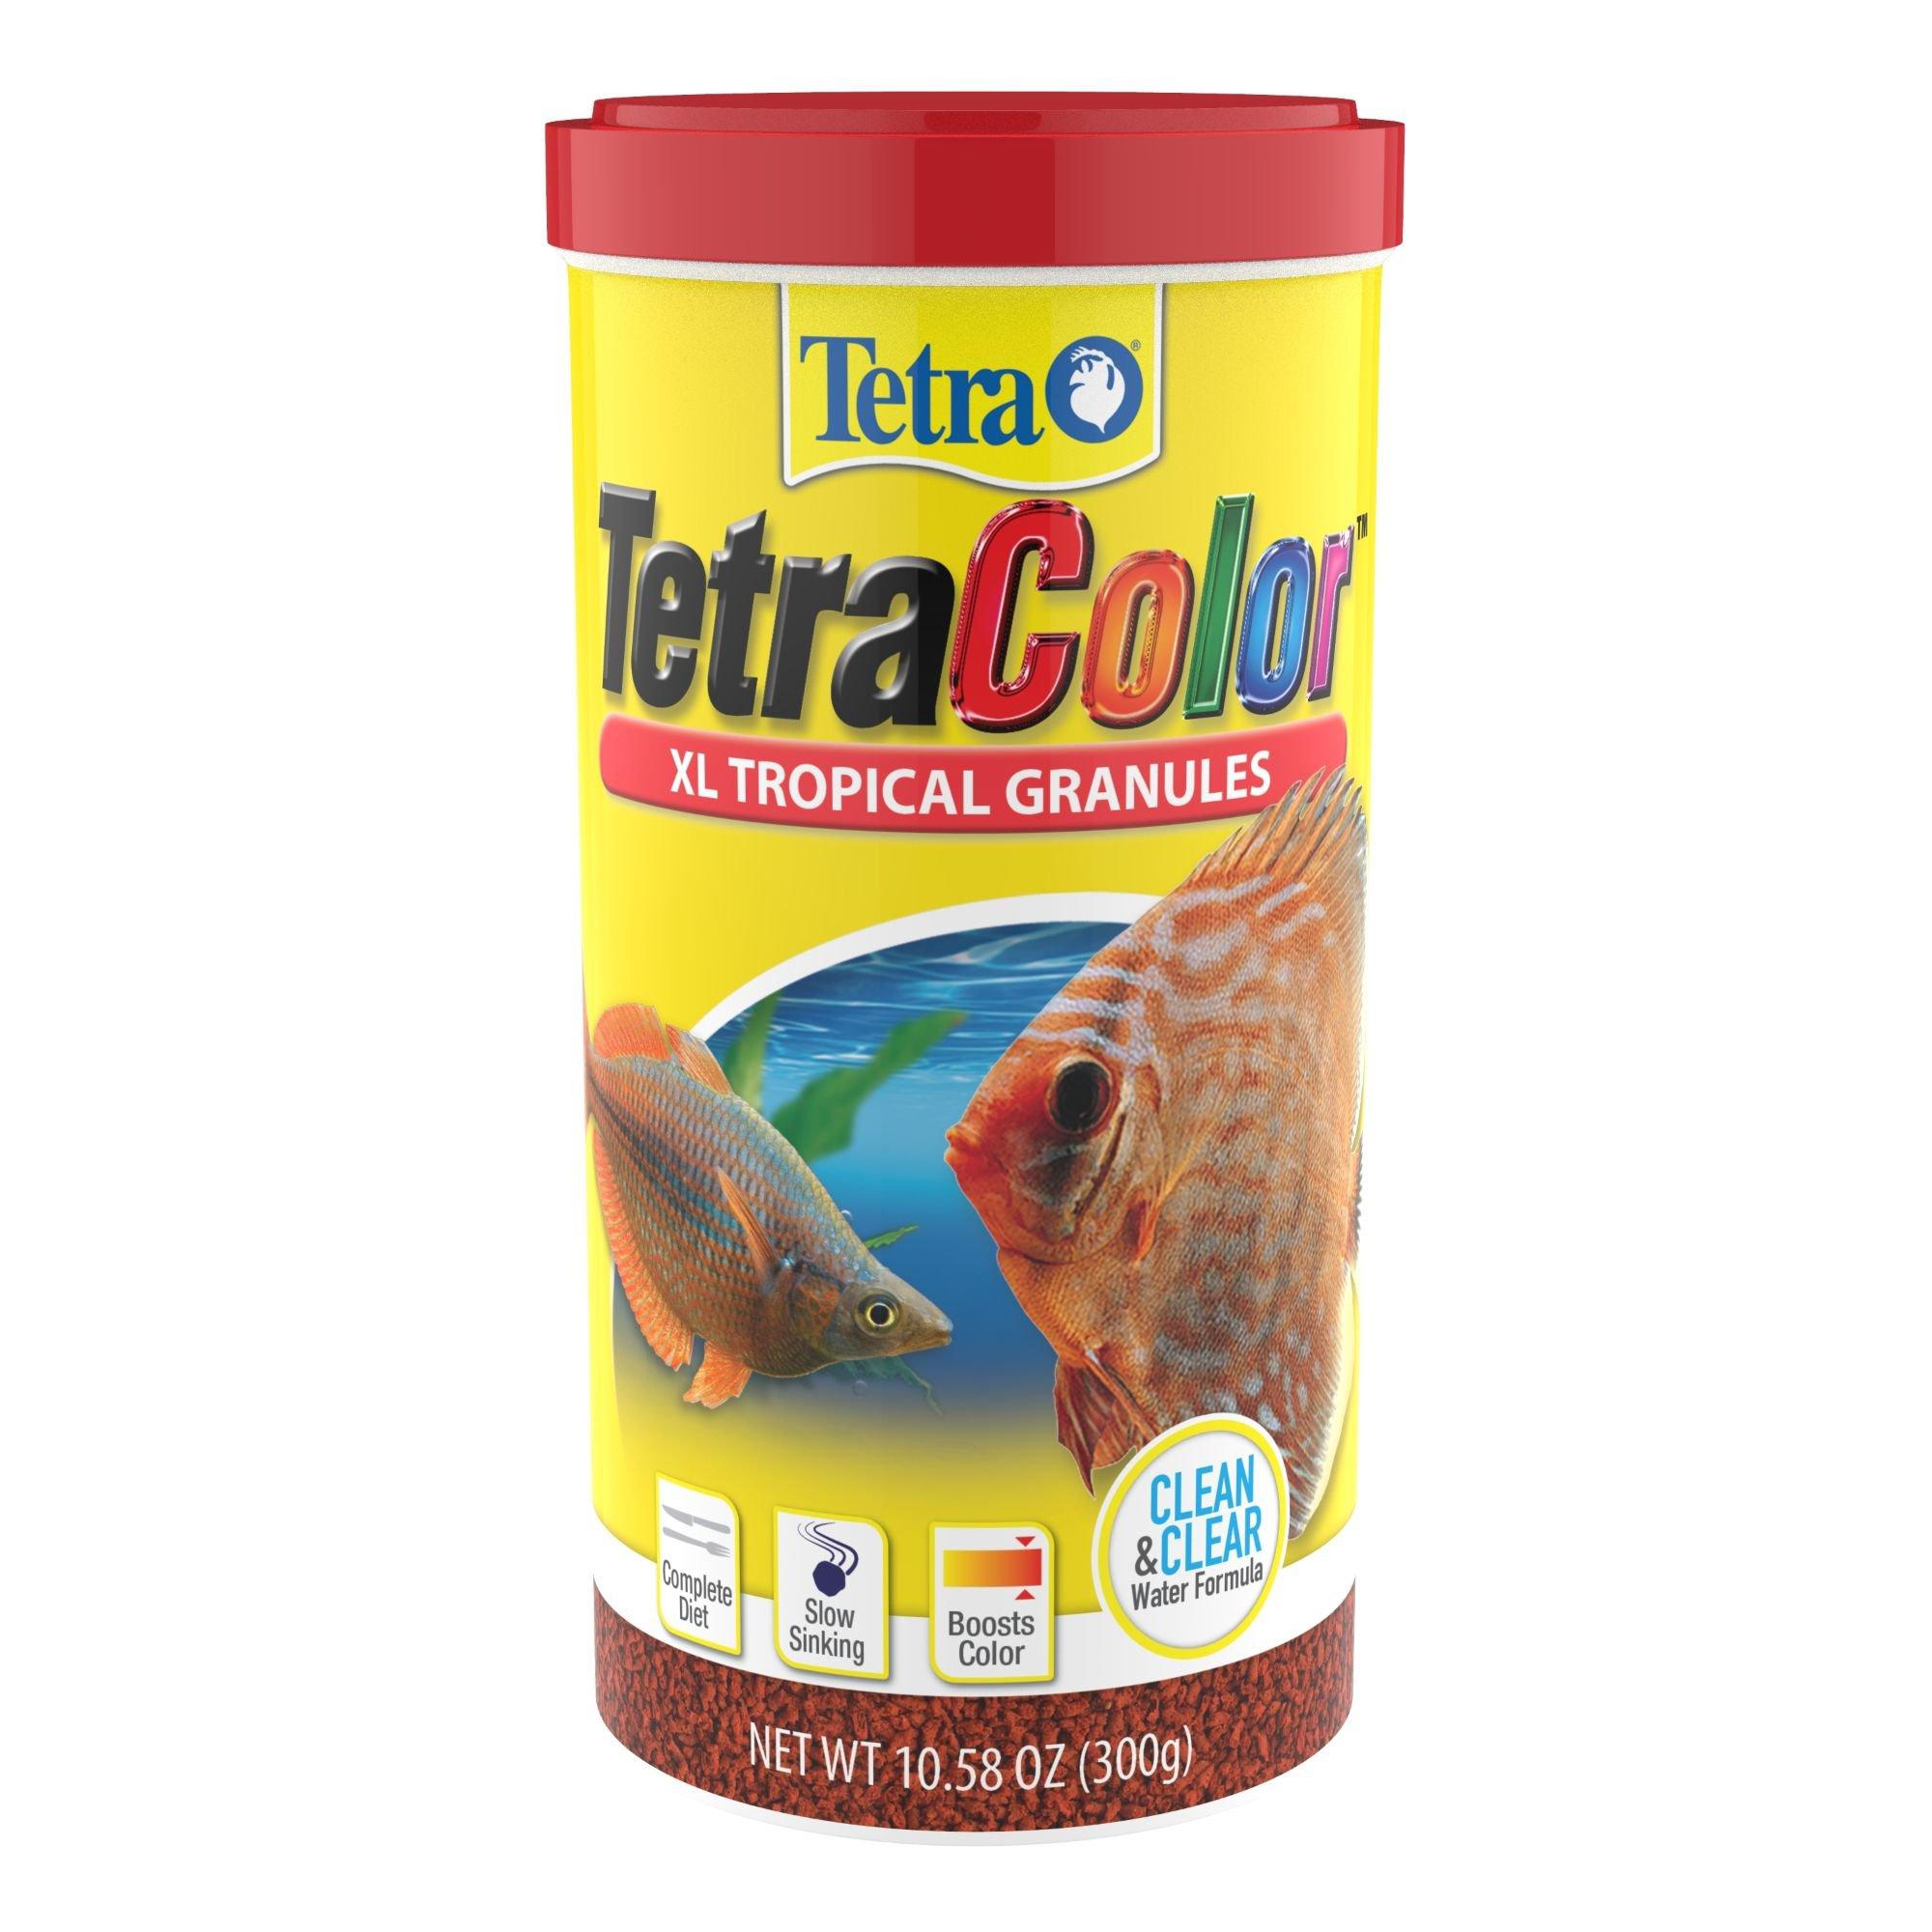 Tetra ColorBits Tropical Granules